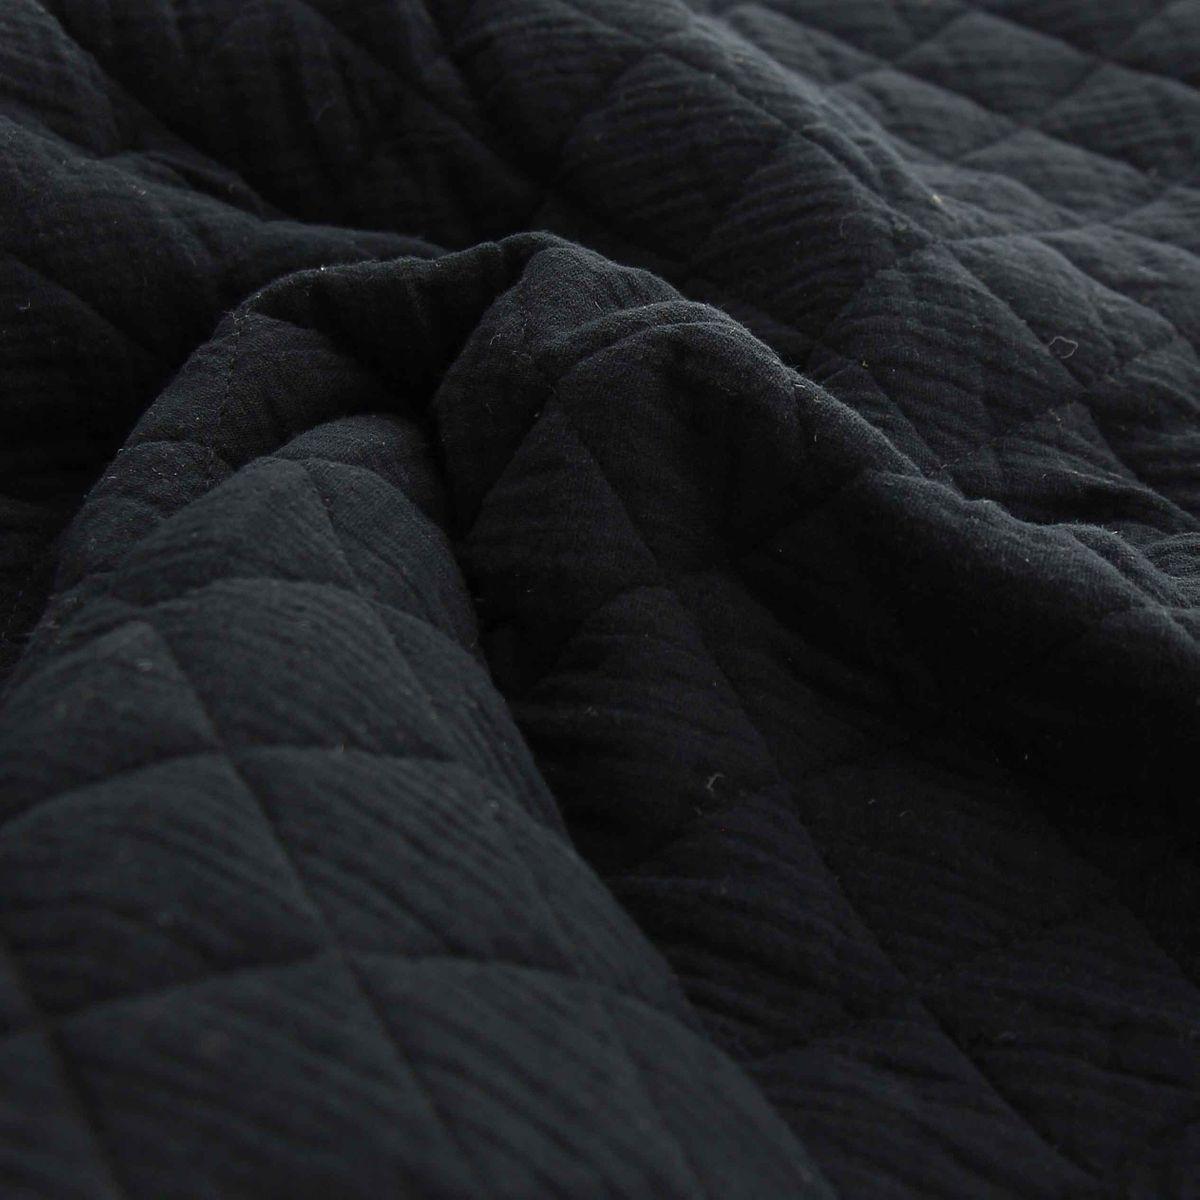 Tissu double gaze de coton matelassé - Noir